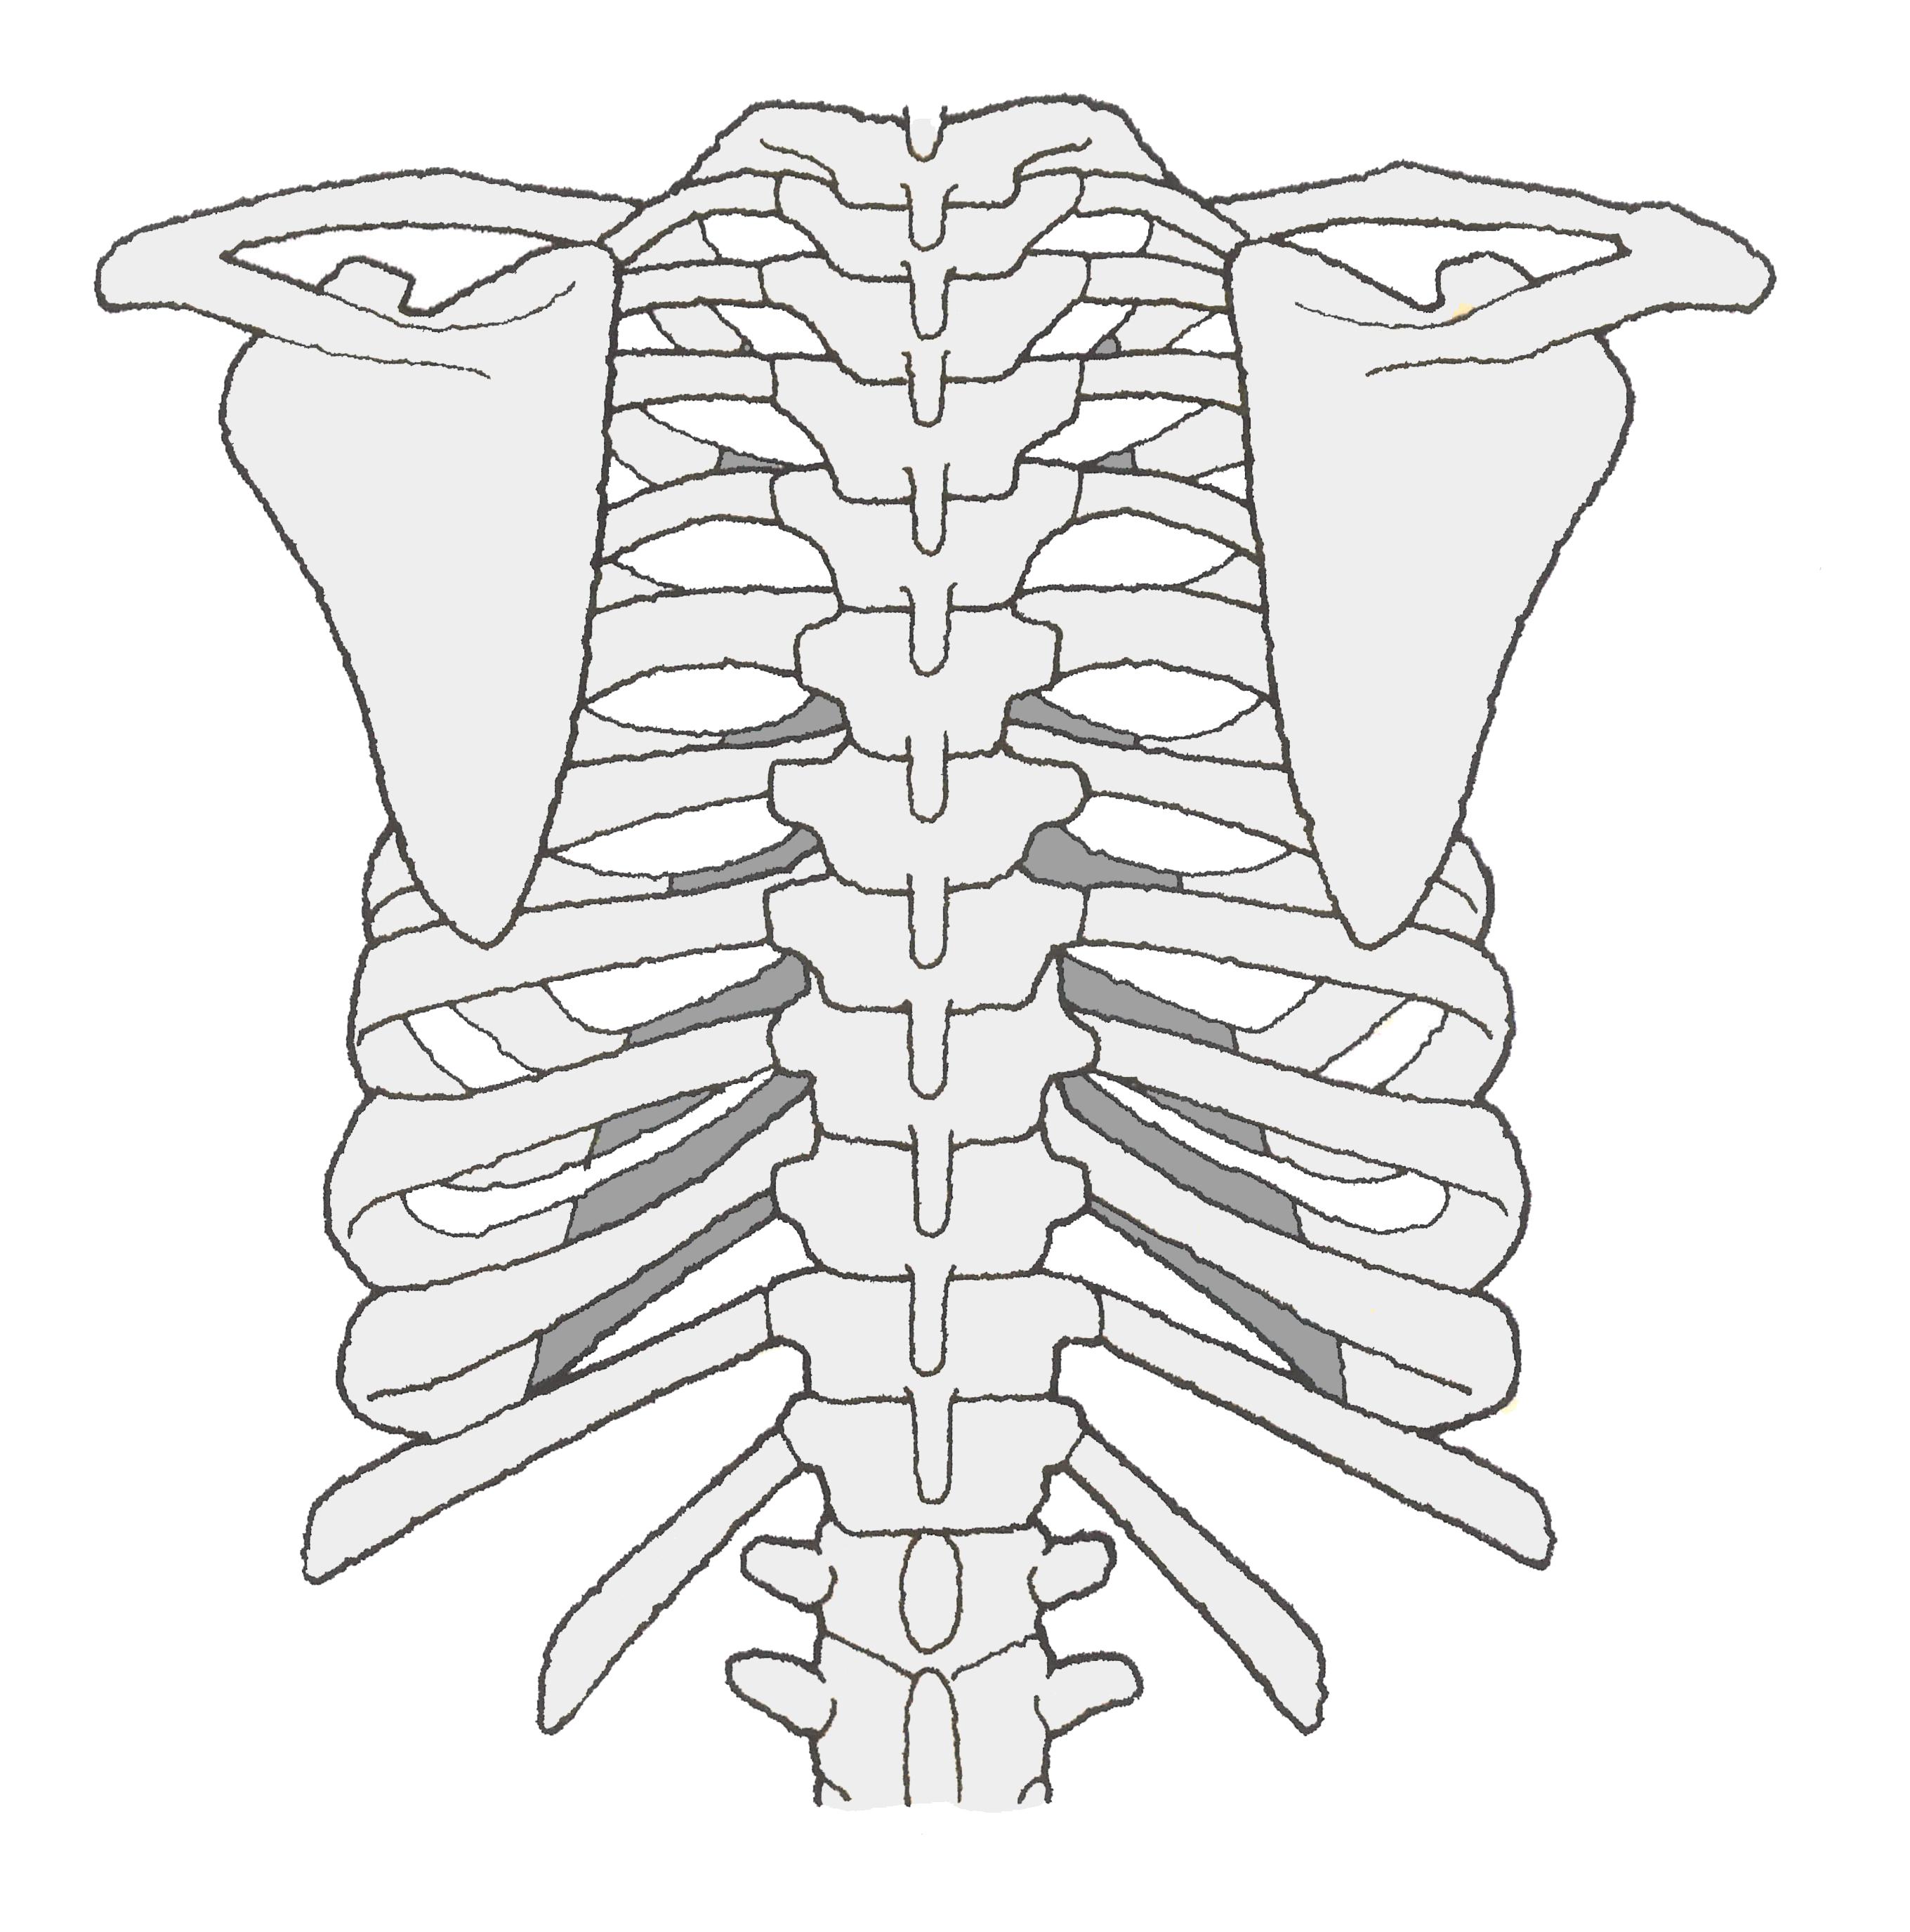 リハビリ 肋骨 骨折